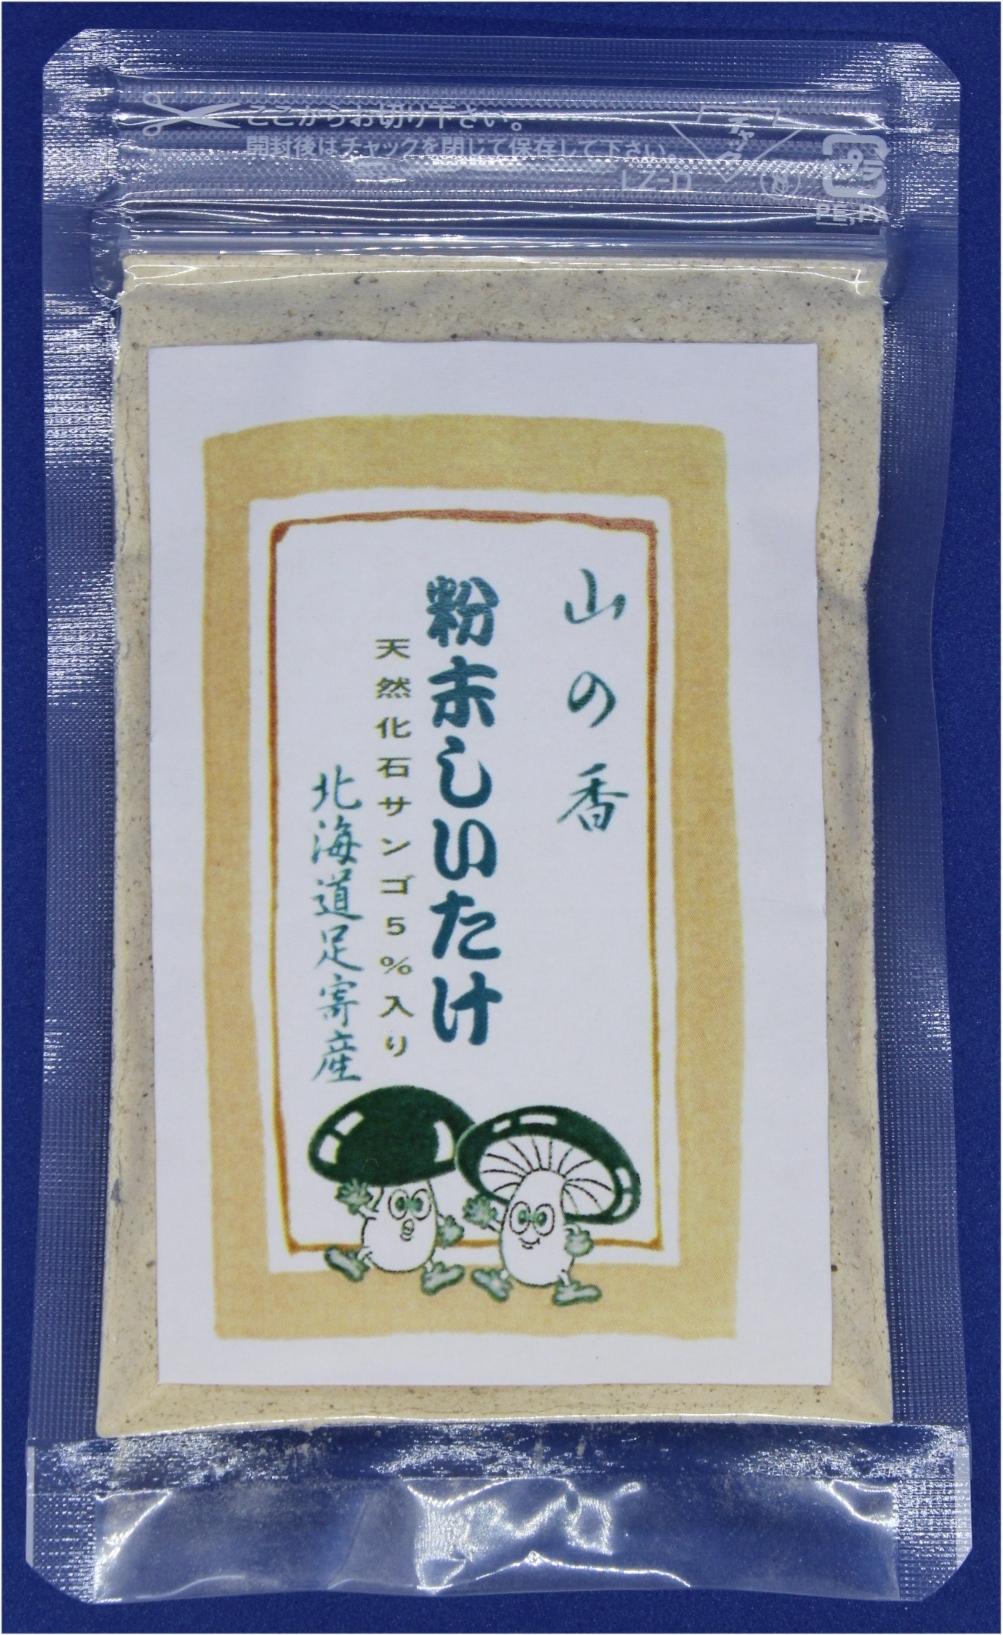 粉末シイタケ20g(天然化石サンゴ5%入り)